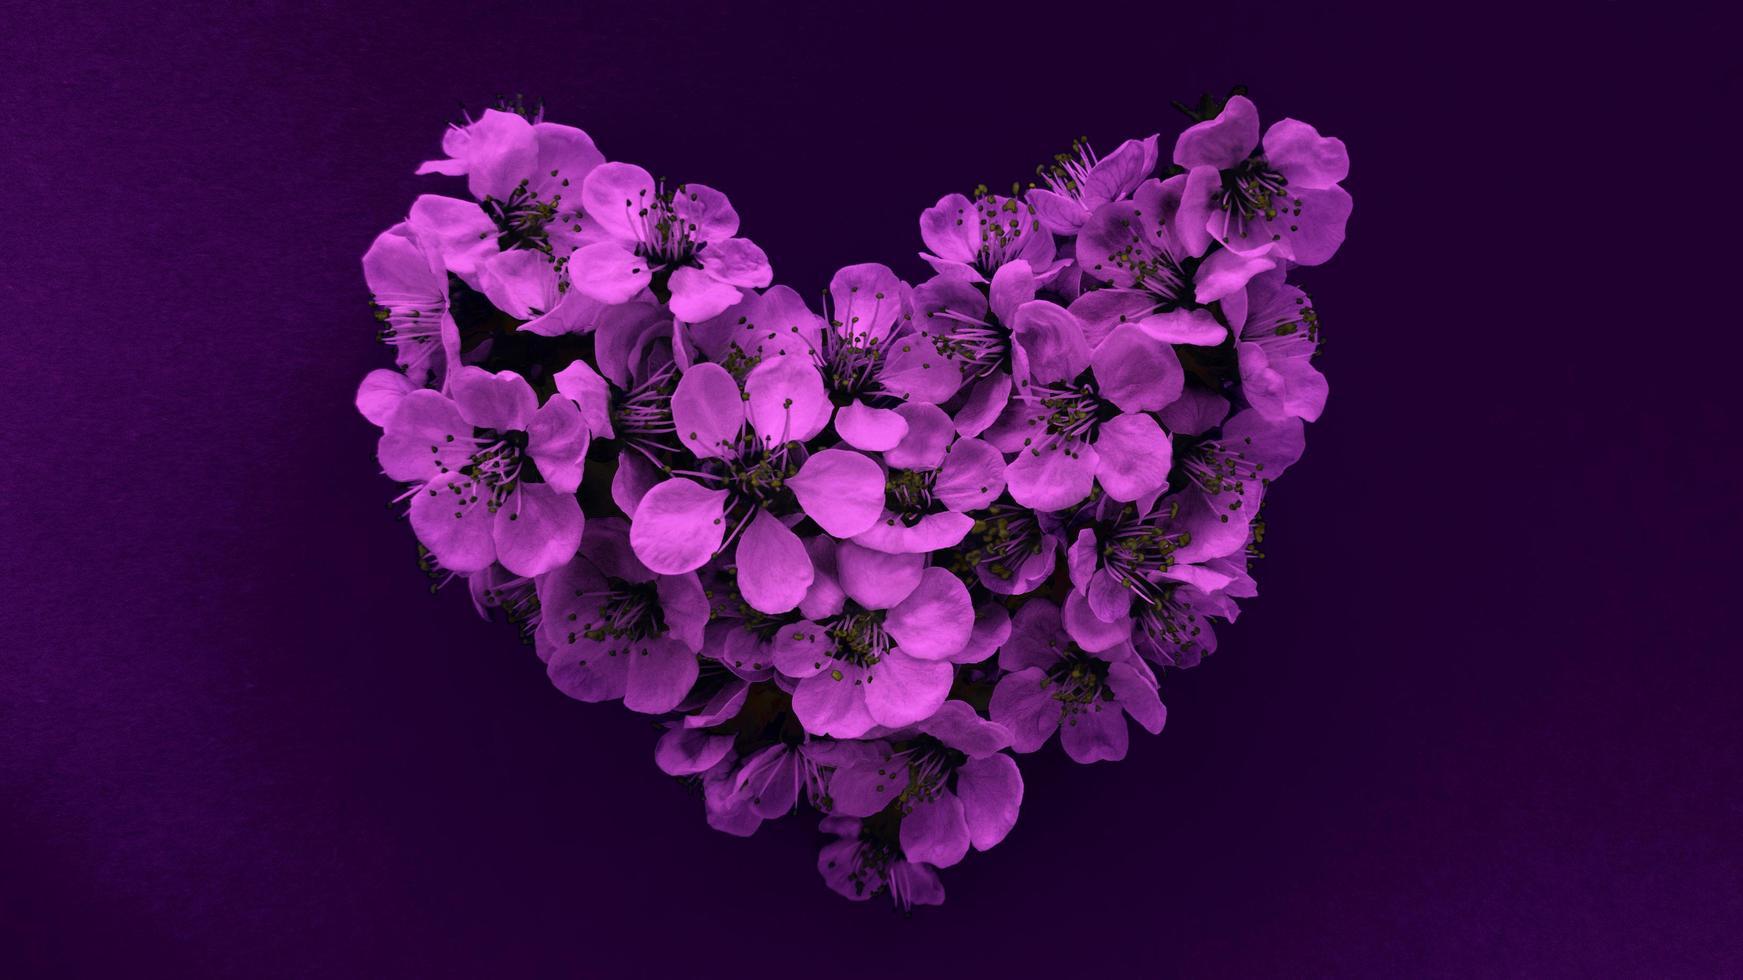 cuore di fiori di susino nei moderni colori viola. può essere utilizzato come banner, cartolina, stampa di immagini, design di inviti. foto d'archivio.